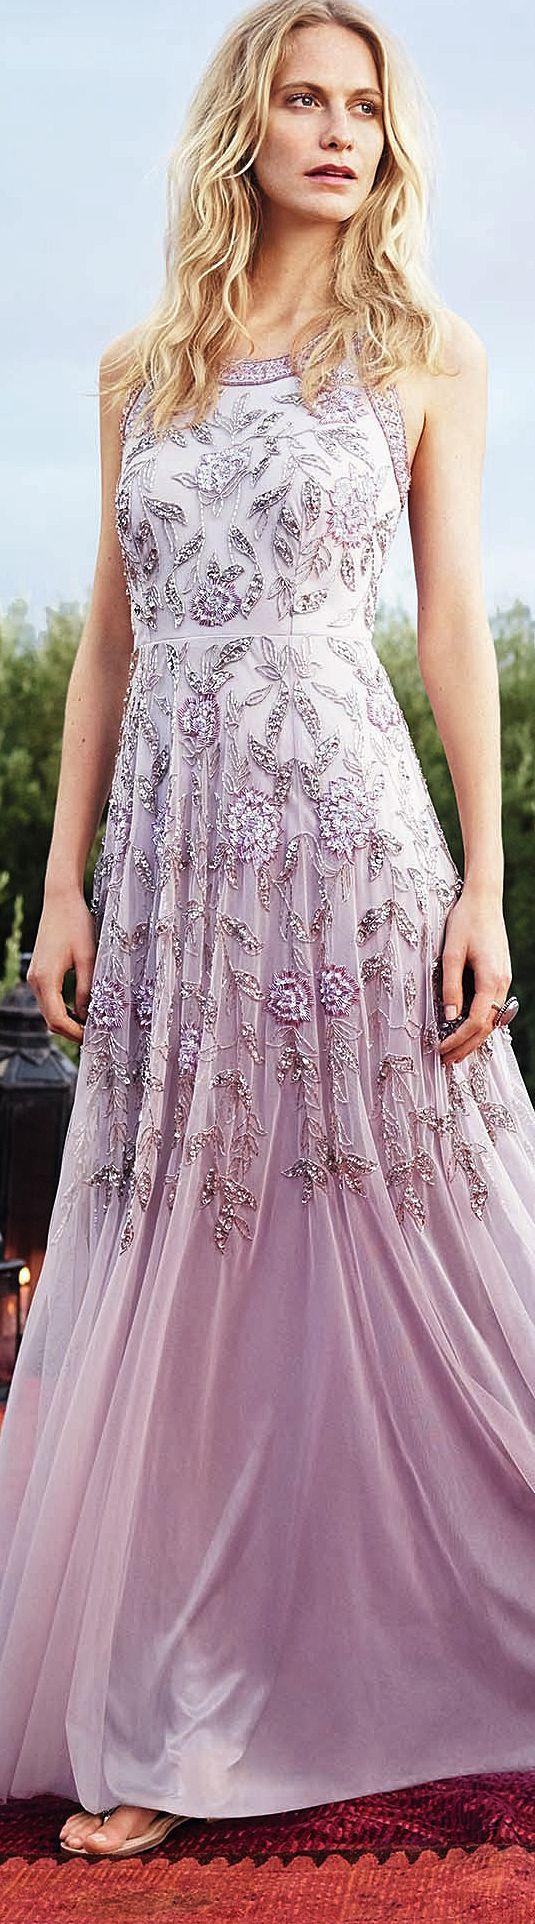 Older bride, Wedding dressses and You think on Pinterest